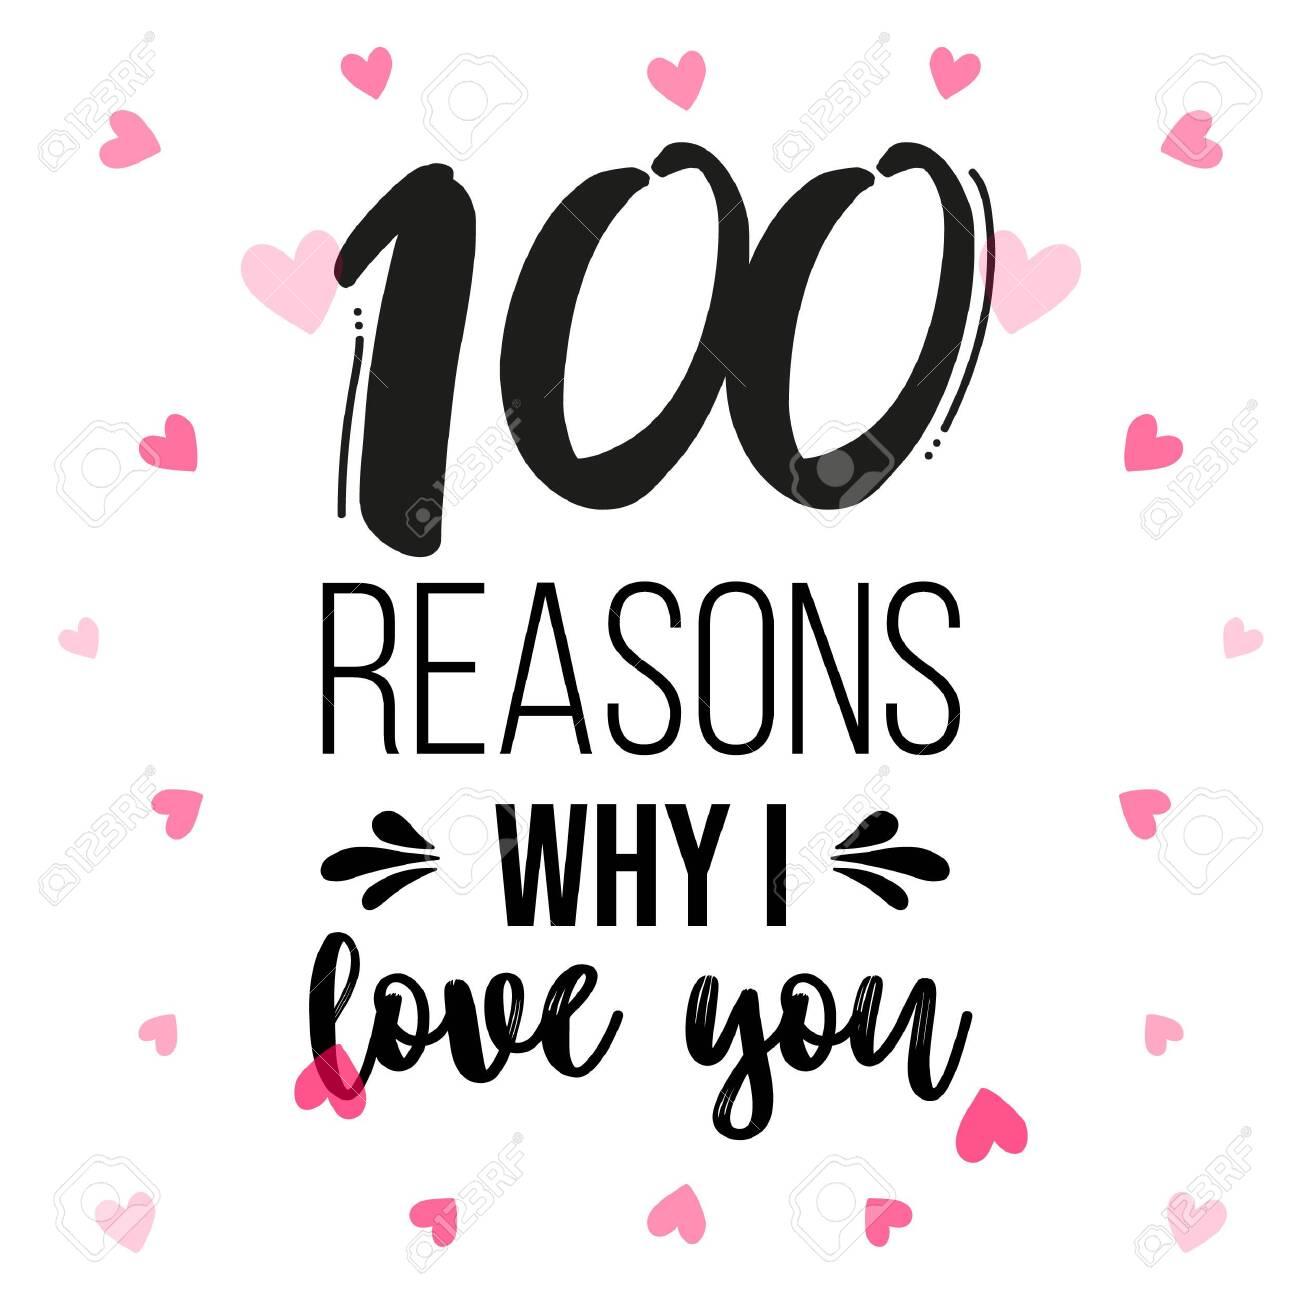 Why i love